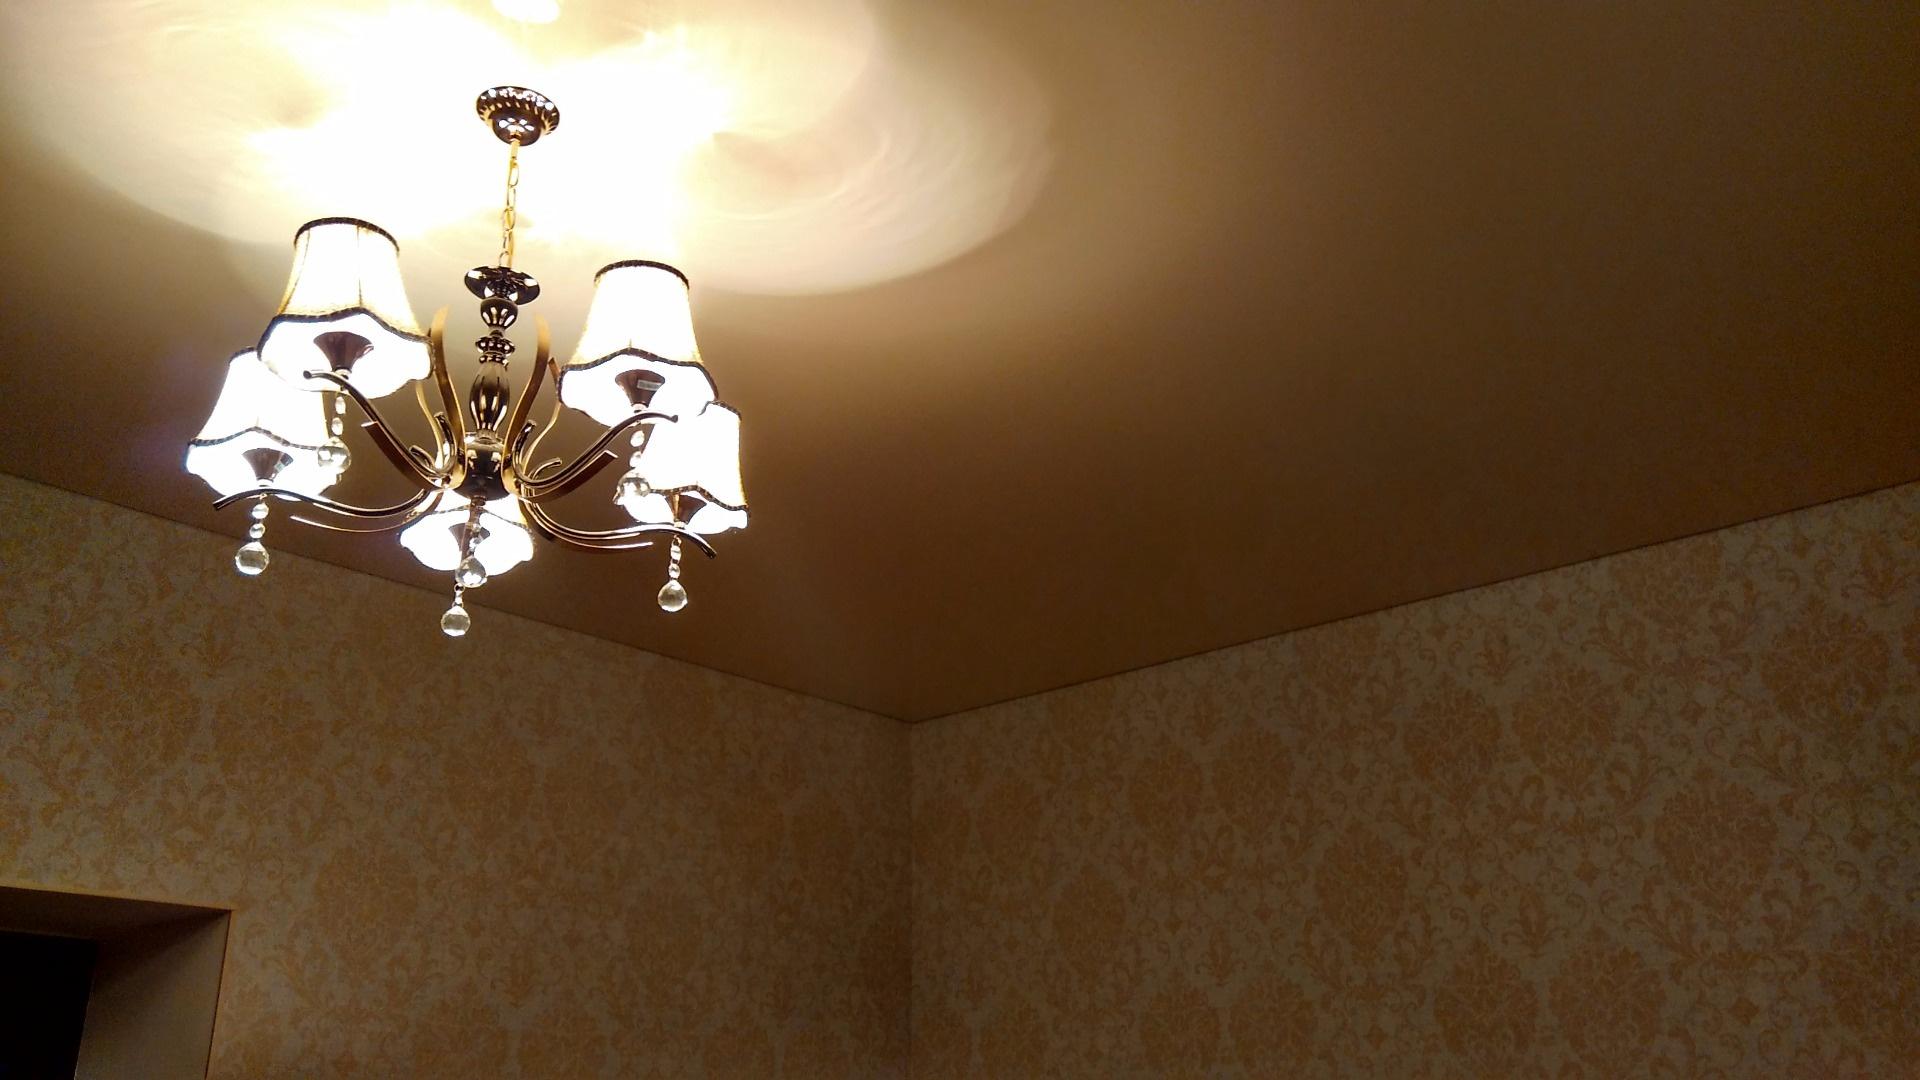 Продается 2-комнатная квартира на ул. Грушевского Михаила (Братьев Ачкановых) — 46 000 у.е. (фото №13)